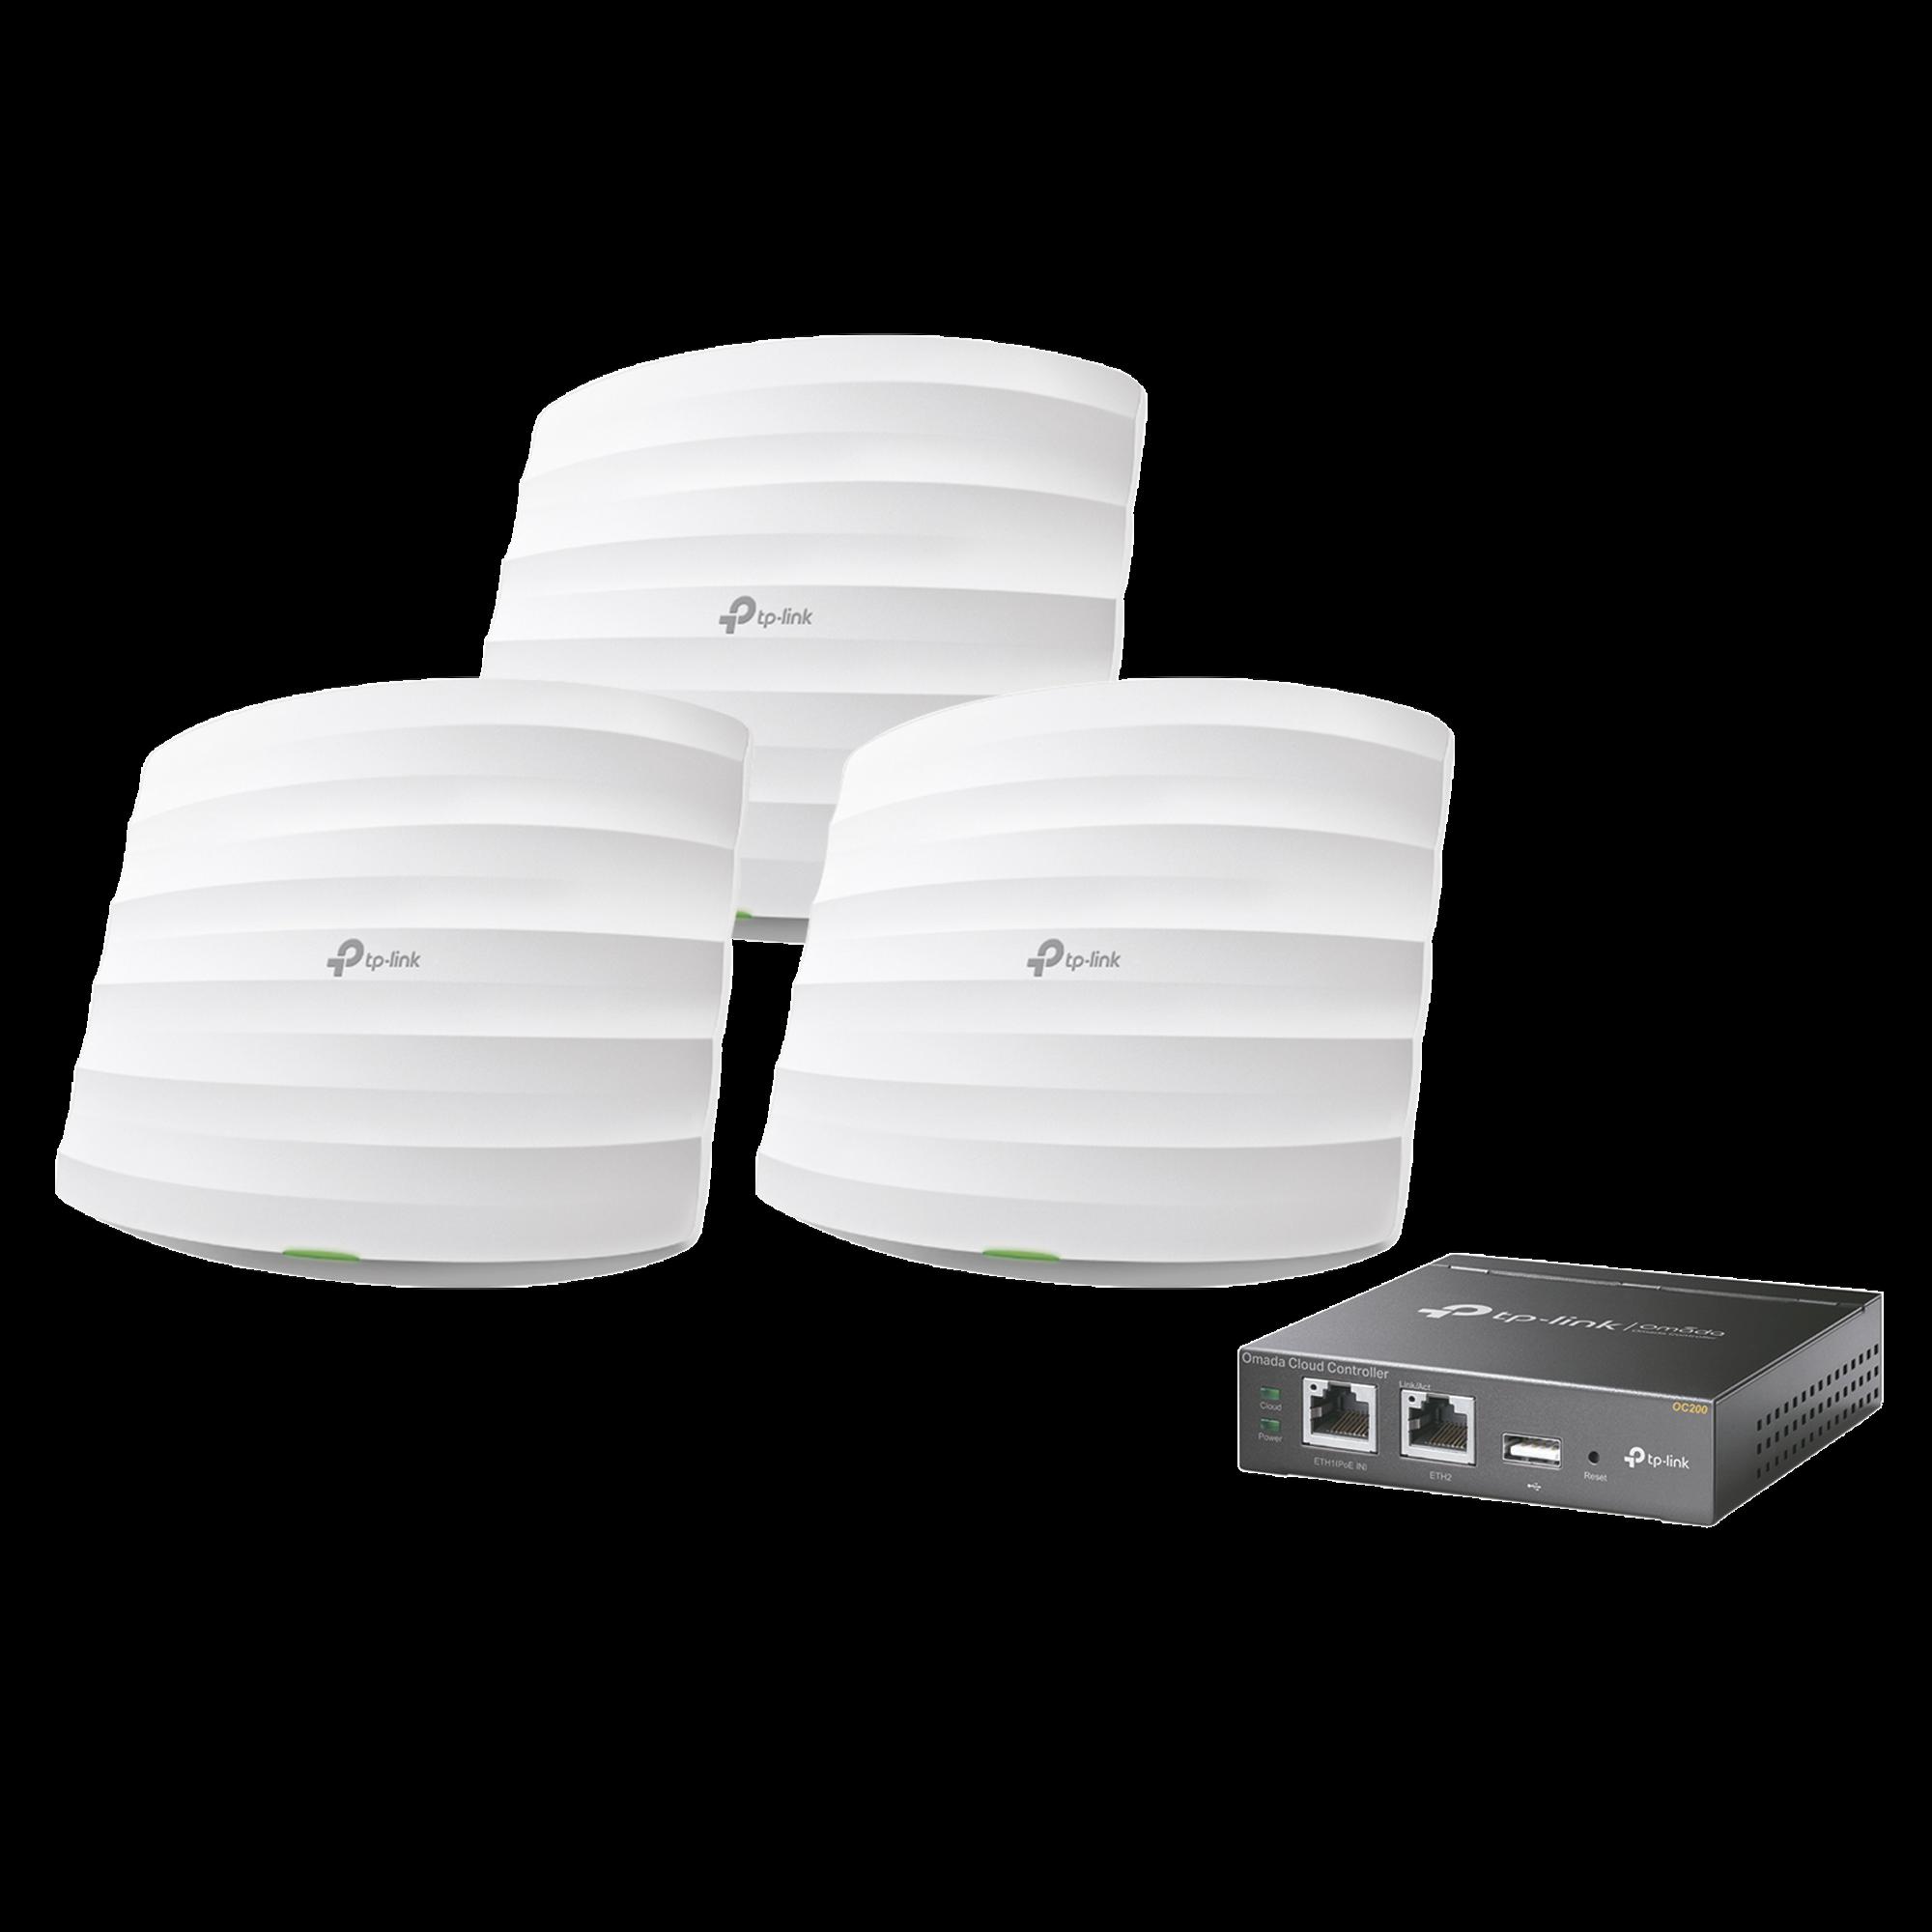 KIT de 3 Puntos de Acceso Omada y 1 controlador, 802.11 b/g/n (2.4 GHz), hasta 300 Mbps, alimentación PoE pasivo, para montaje en techo, soporta hasta 50 clientes.